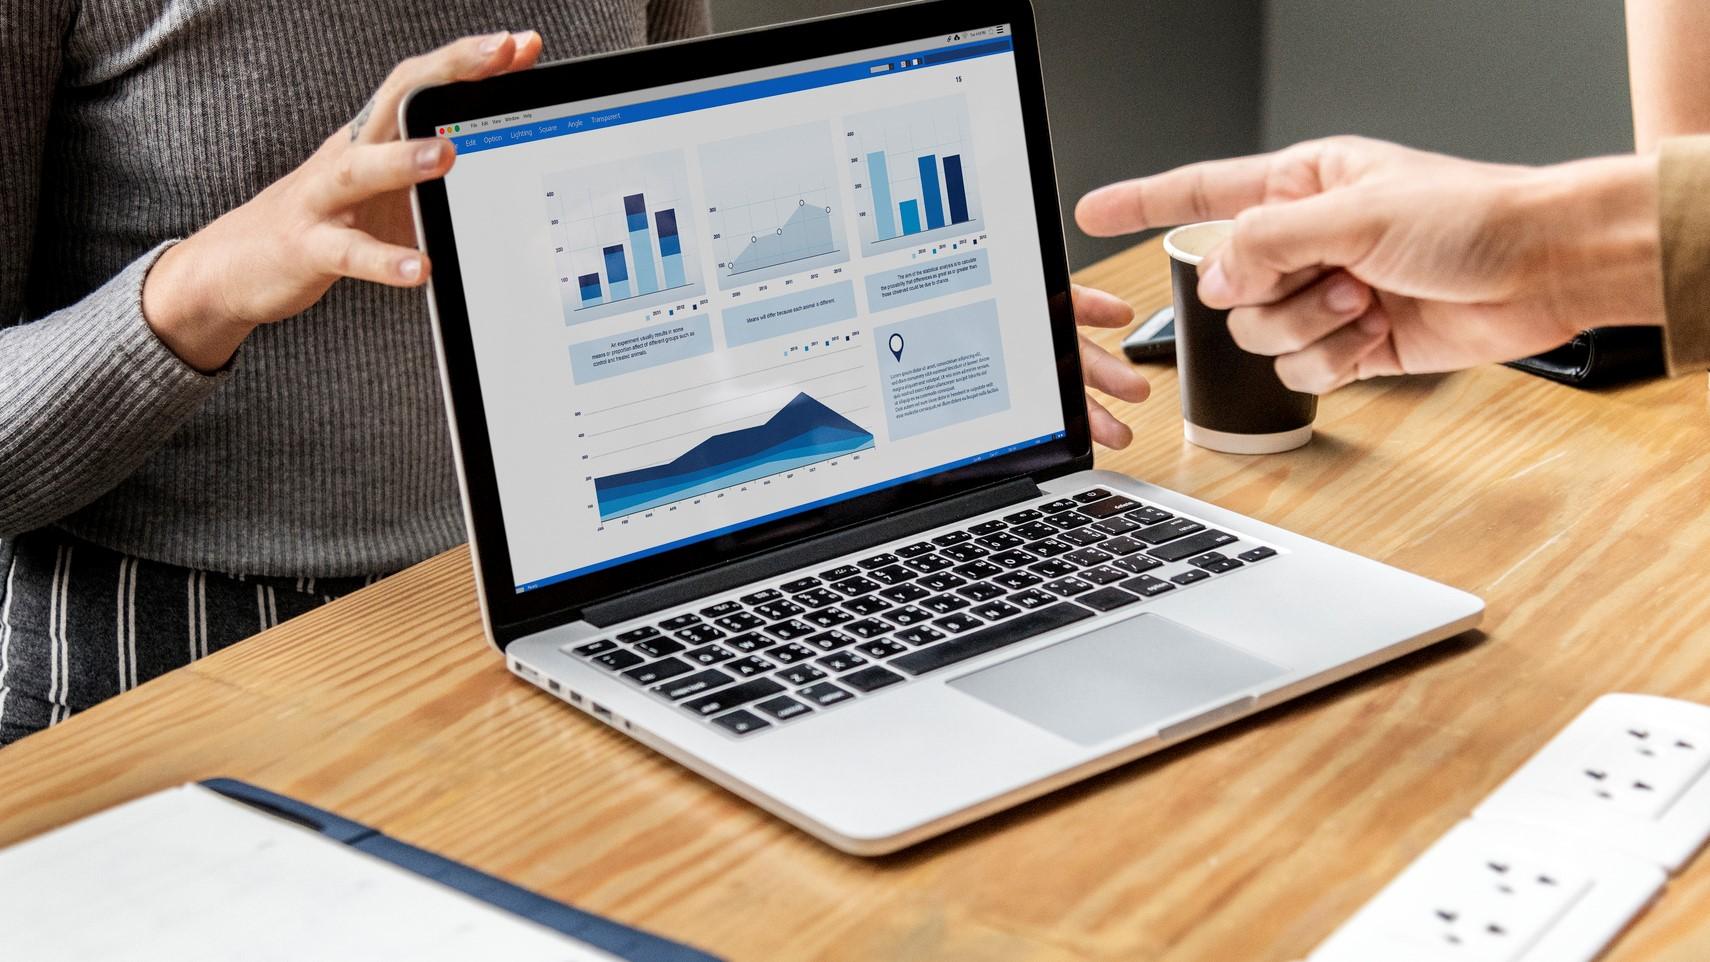 I servizi e i vantaggi della consulenza di una società di corporate finance per aziende grandi e piccole.